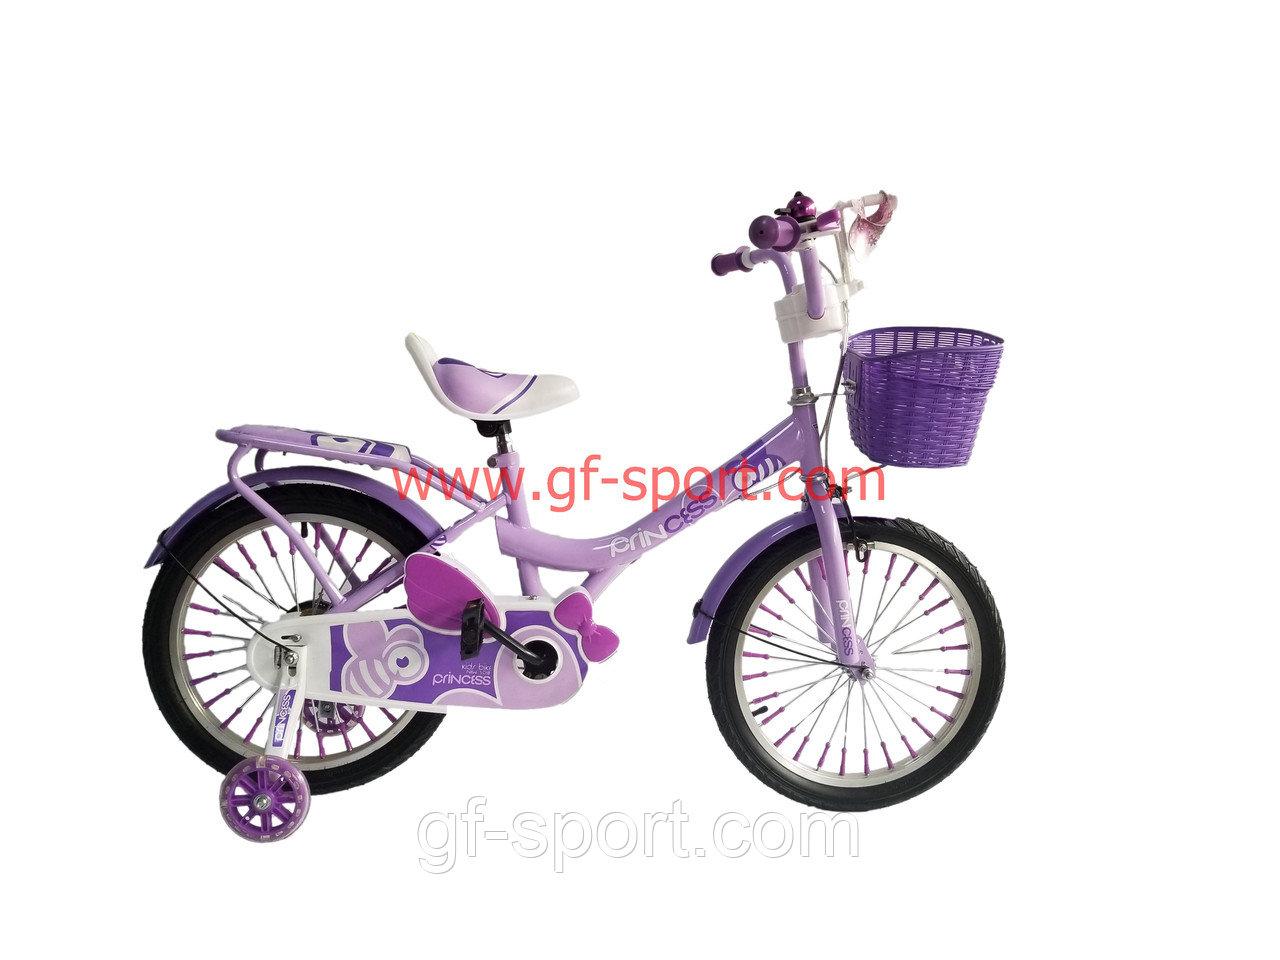 Велосипед Phillips Принцесса фиолетовый оригинал детский с холостым ходом 18 размер